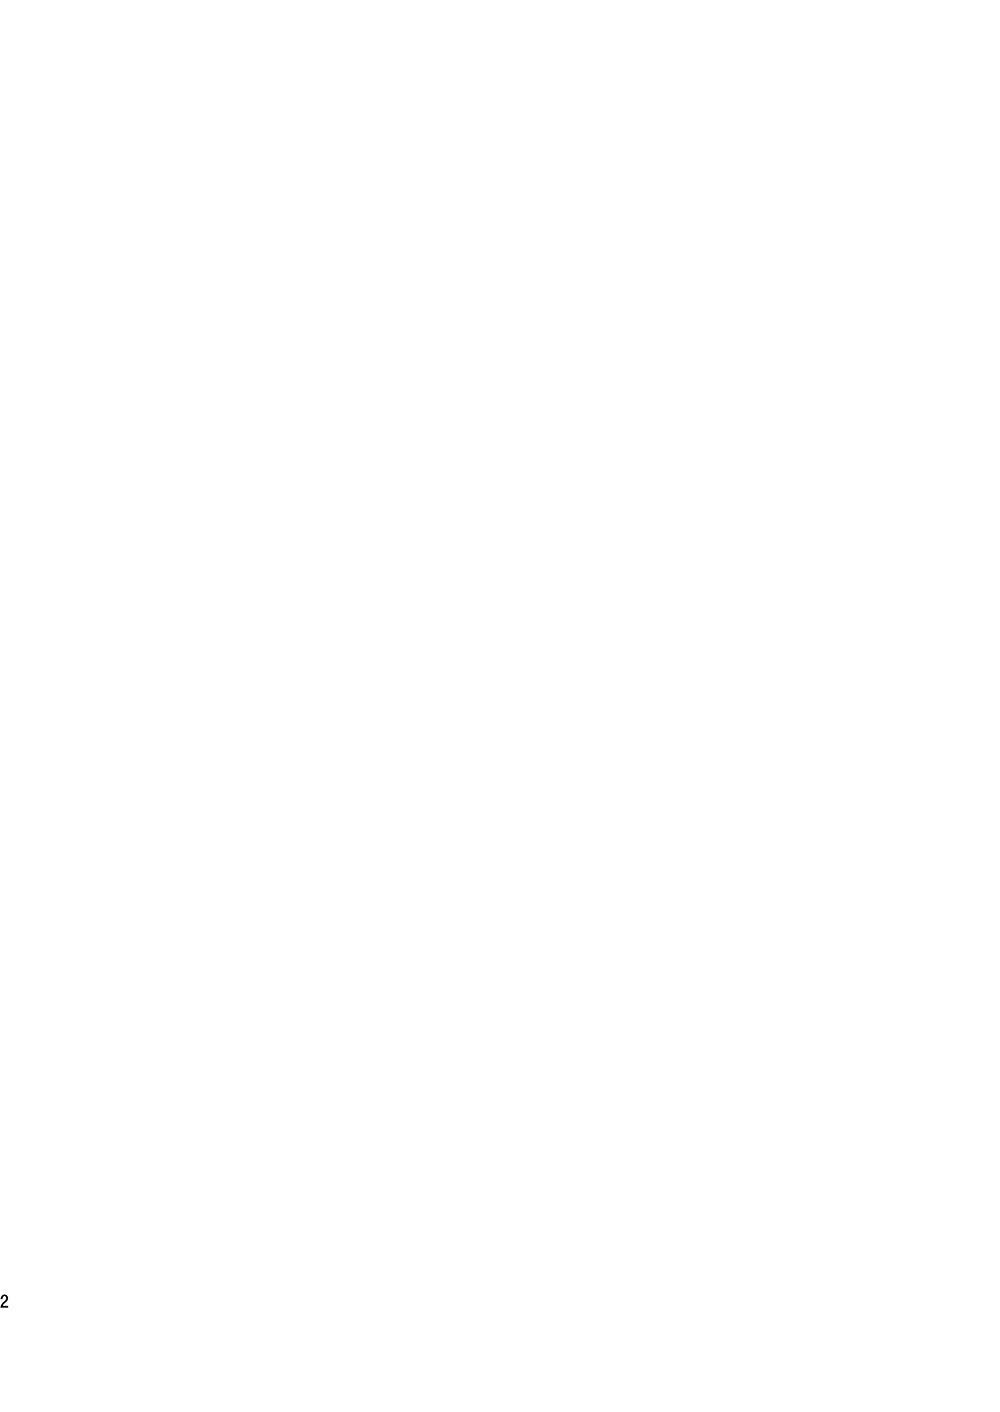 Gekkan Shounen Zoom 2020-06 1